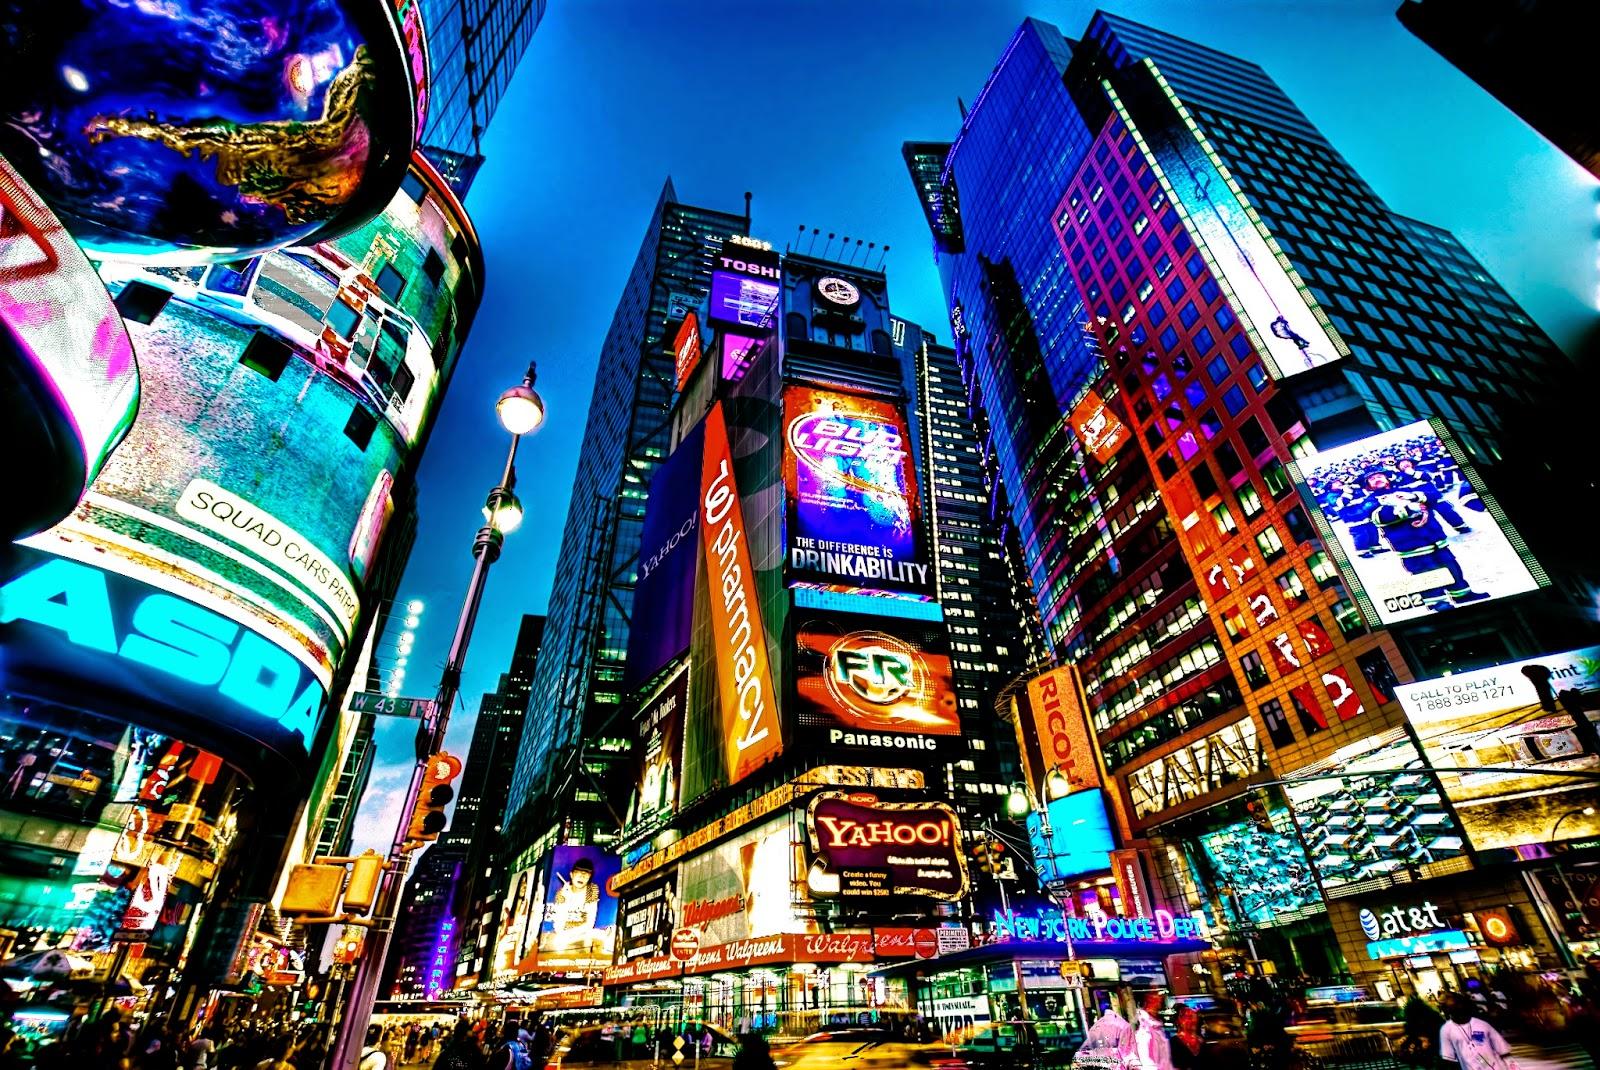 O que levar na mala para Nova York